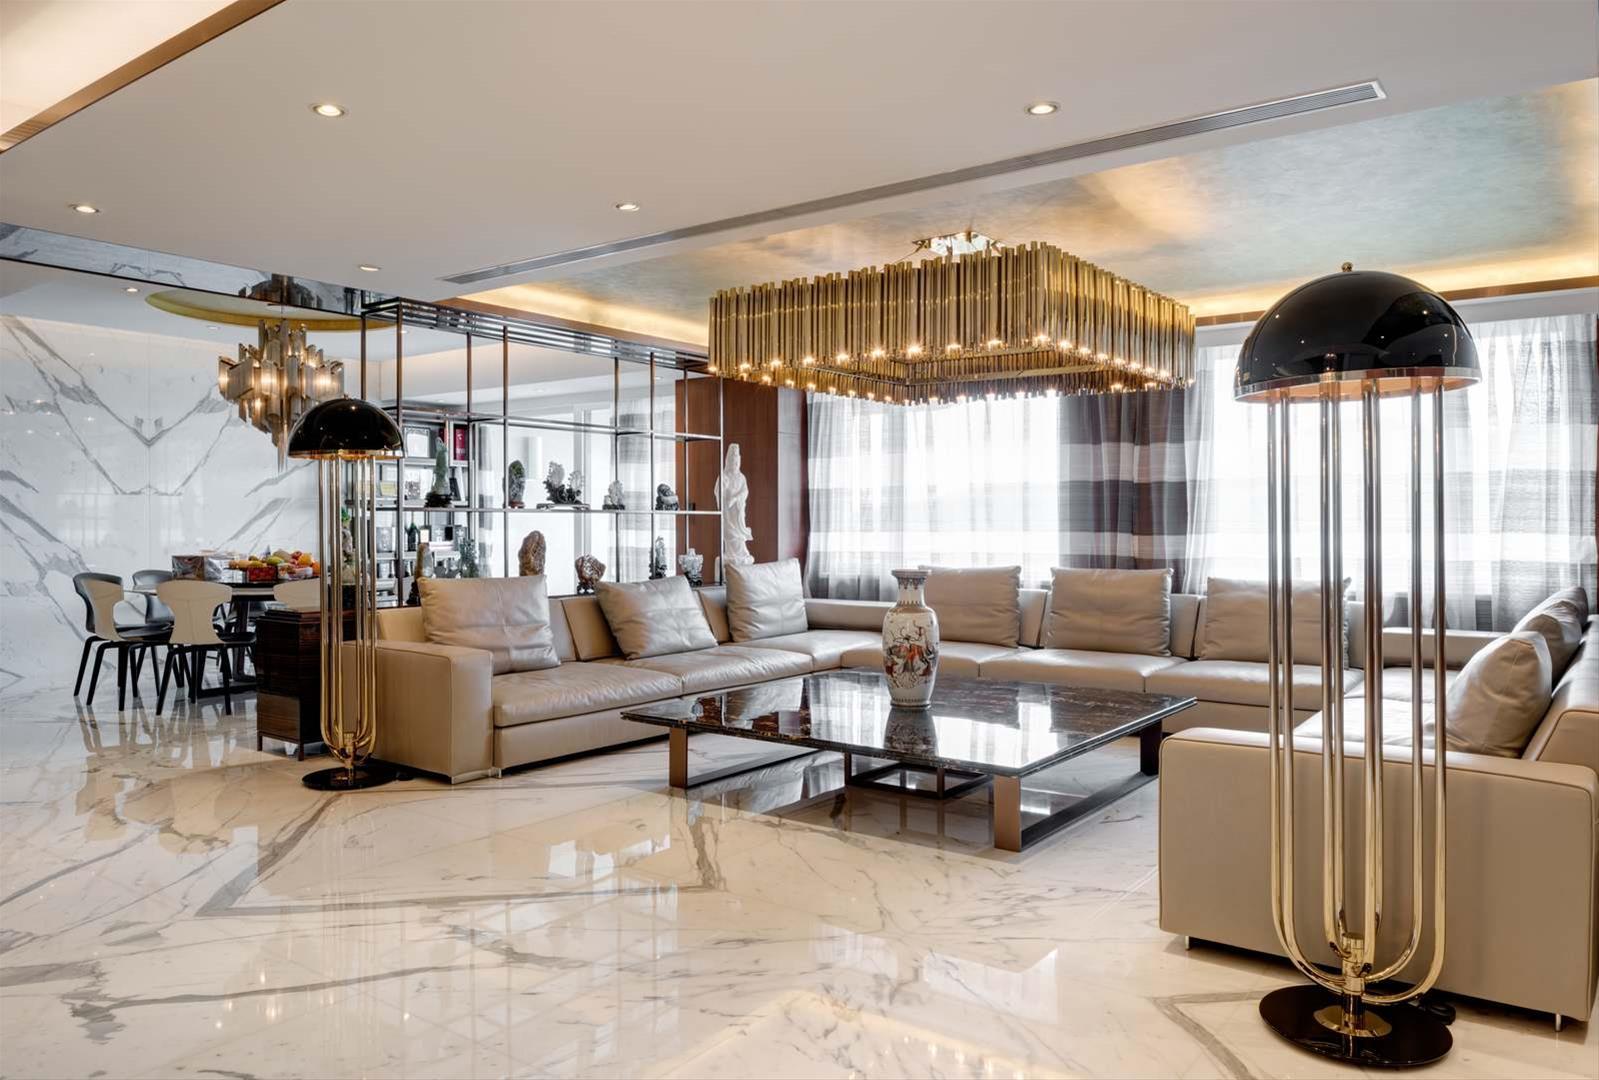 Arredamento case di lusso - Arredi di lusso casa ...